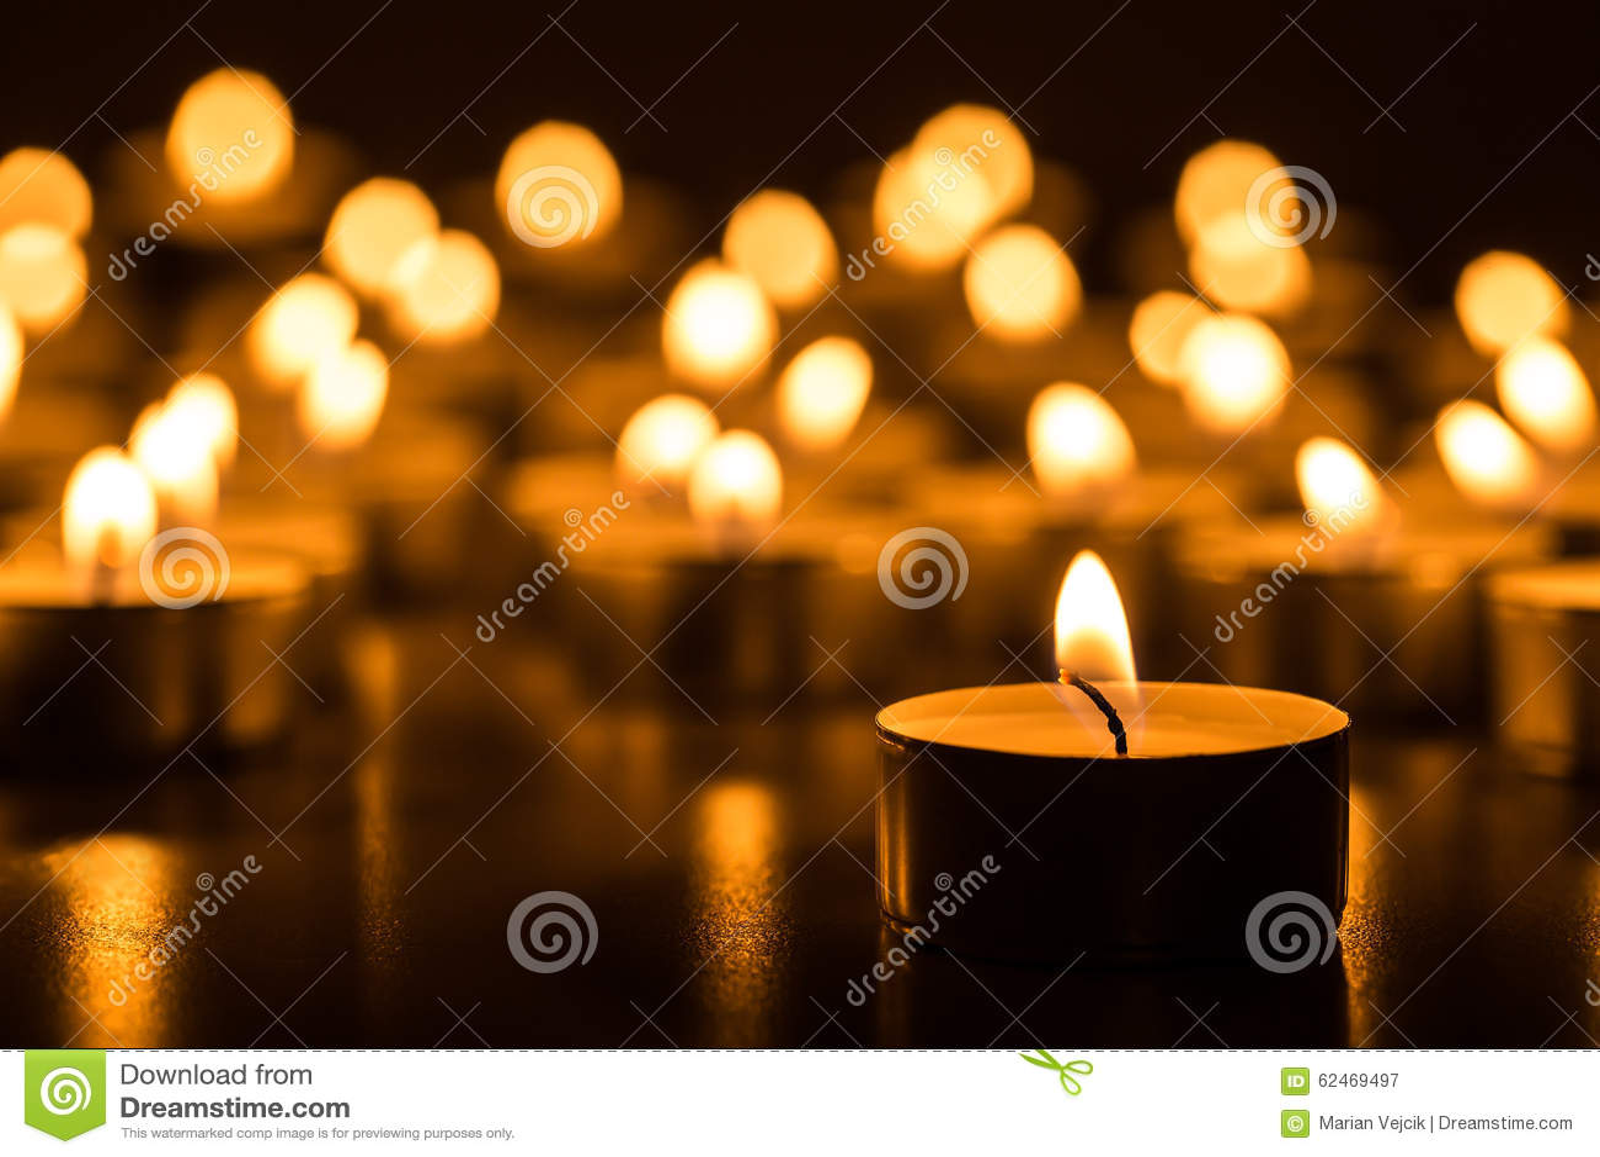 Velas de la Navidad que queman en la noche El extracto mira al trasluz el fondo Luz de oro de la llama de vela